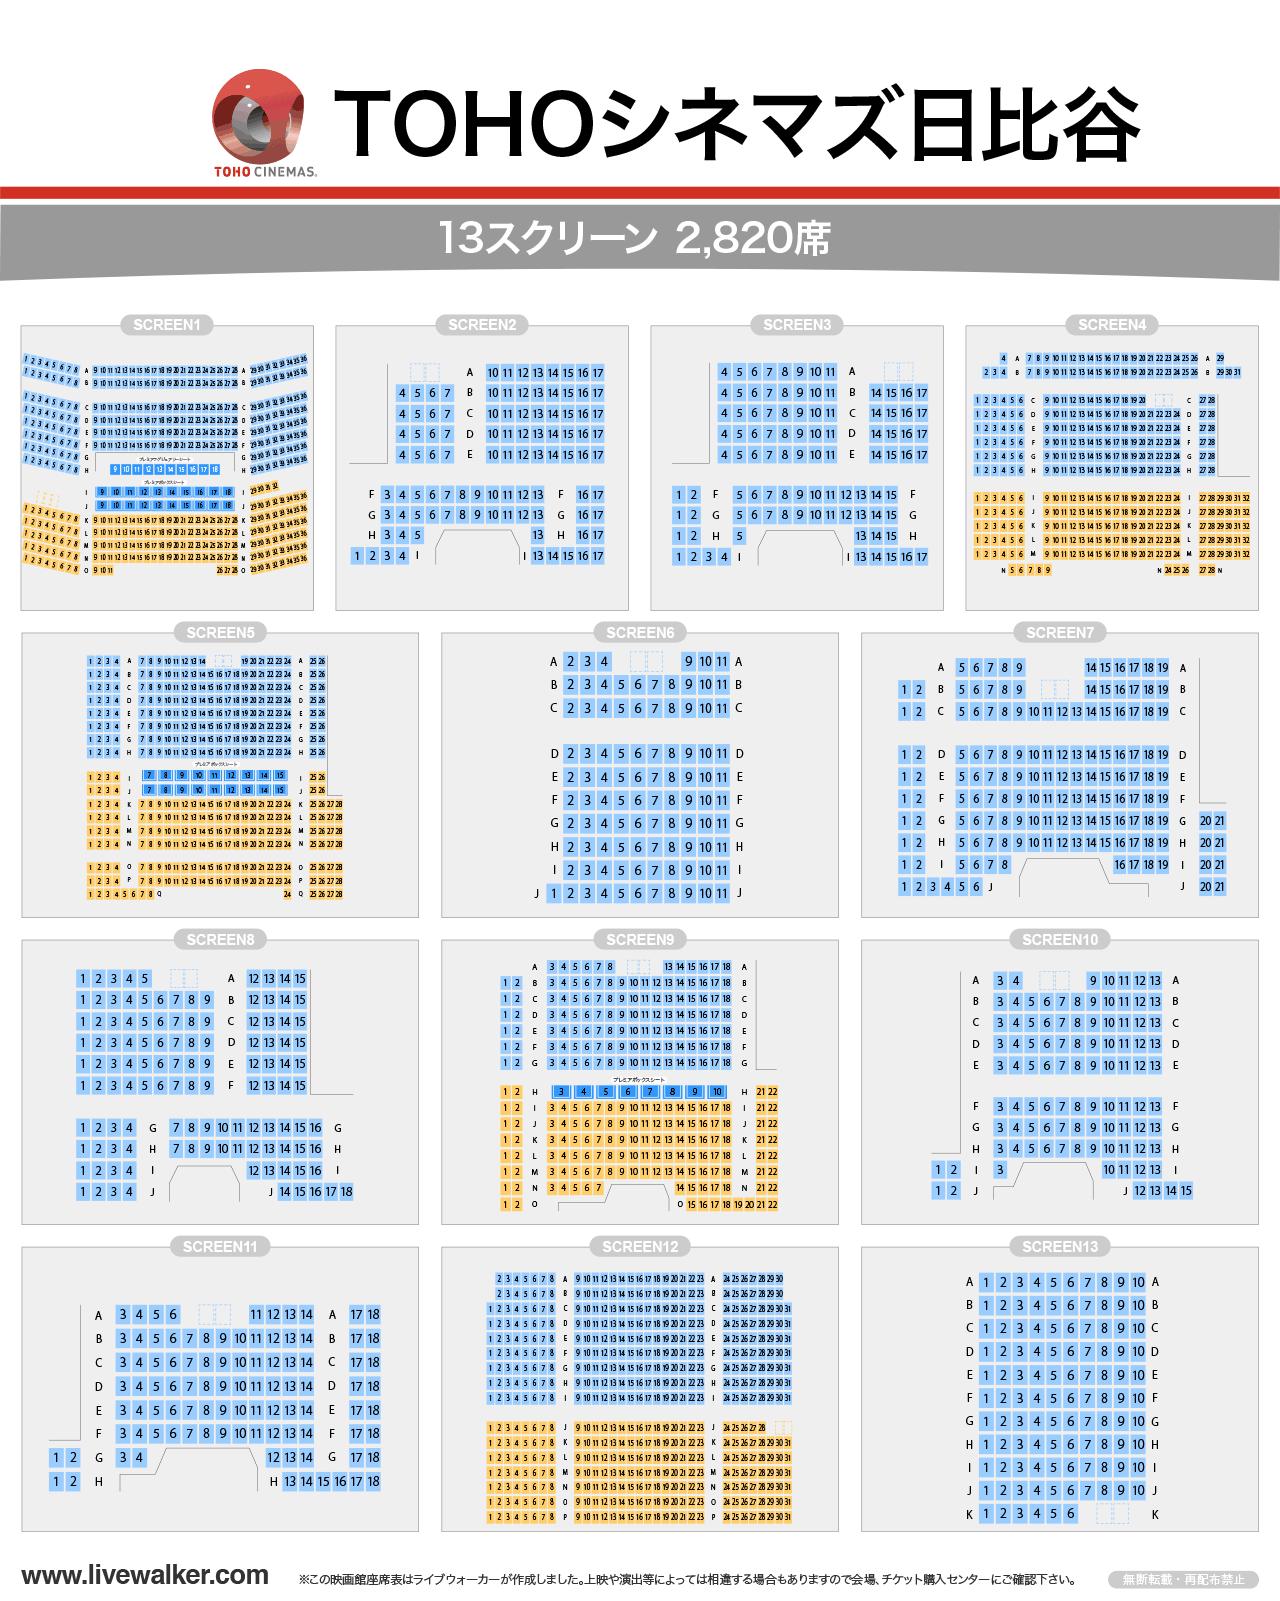 TOHOシネマズ日比谷スクリーンの座席表